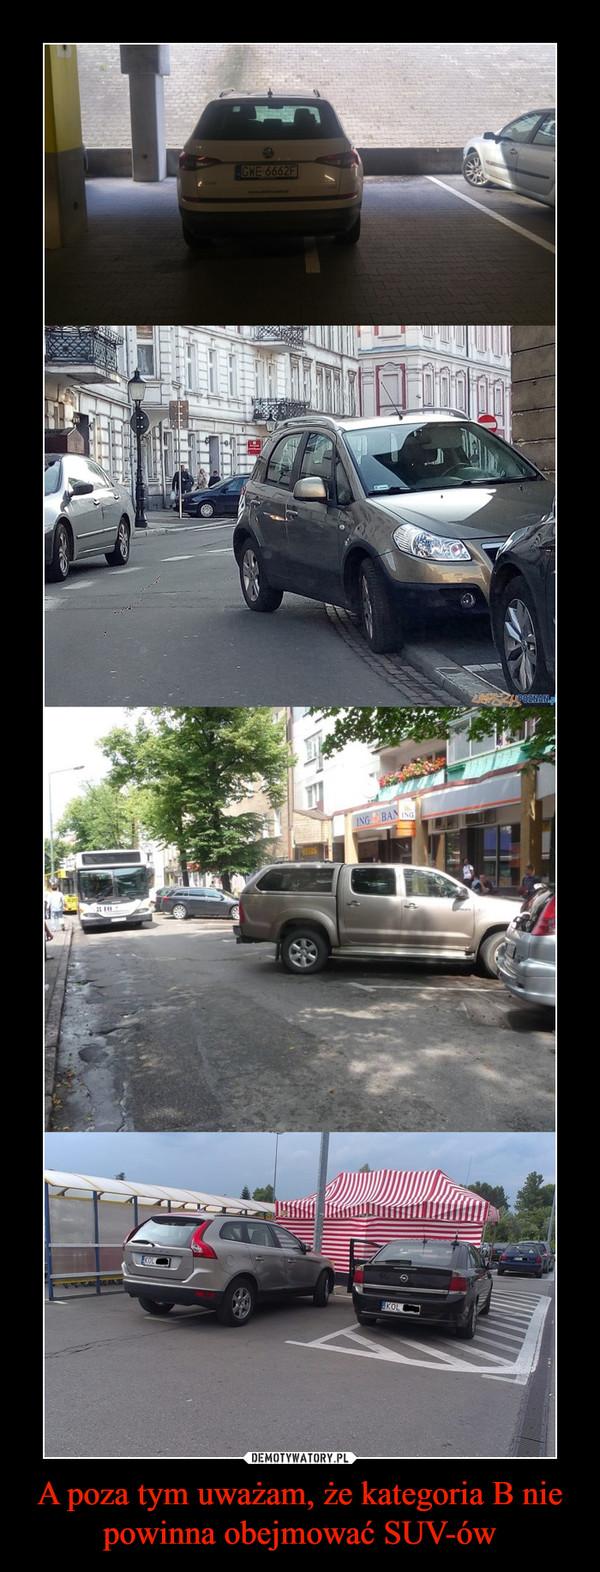 A poza tym uważam, że kategoria B nie powinna obejmować SUV-ów –